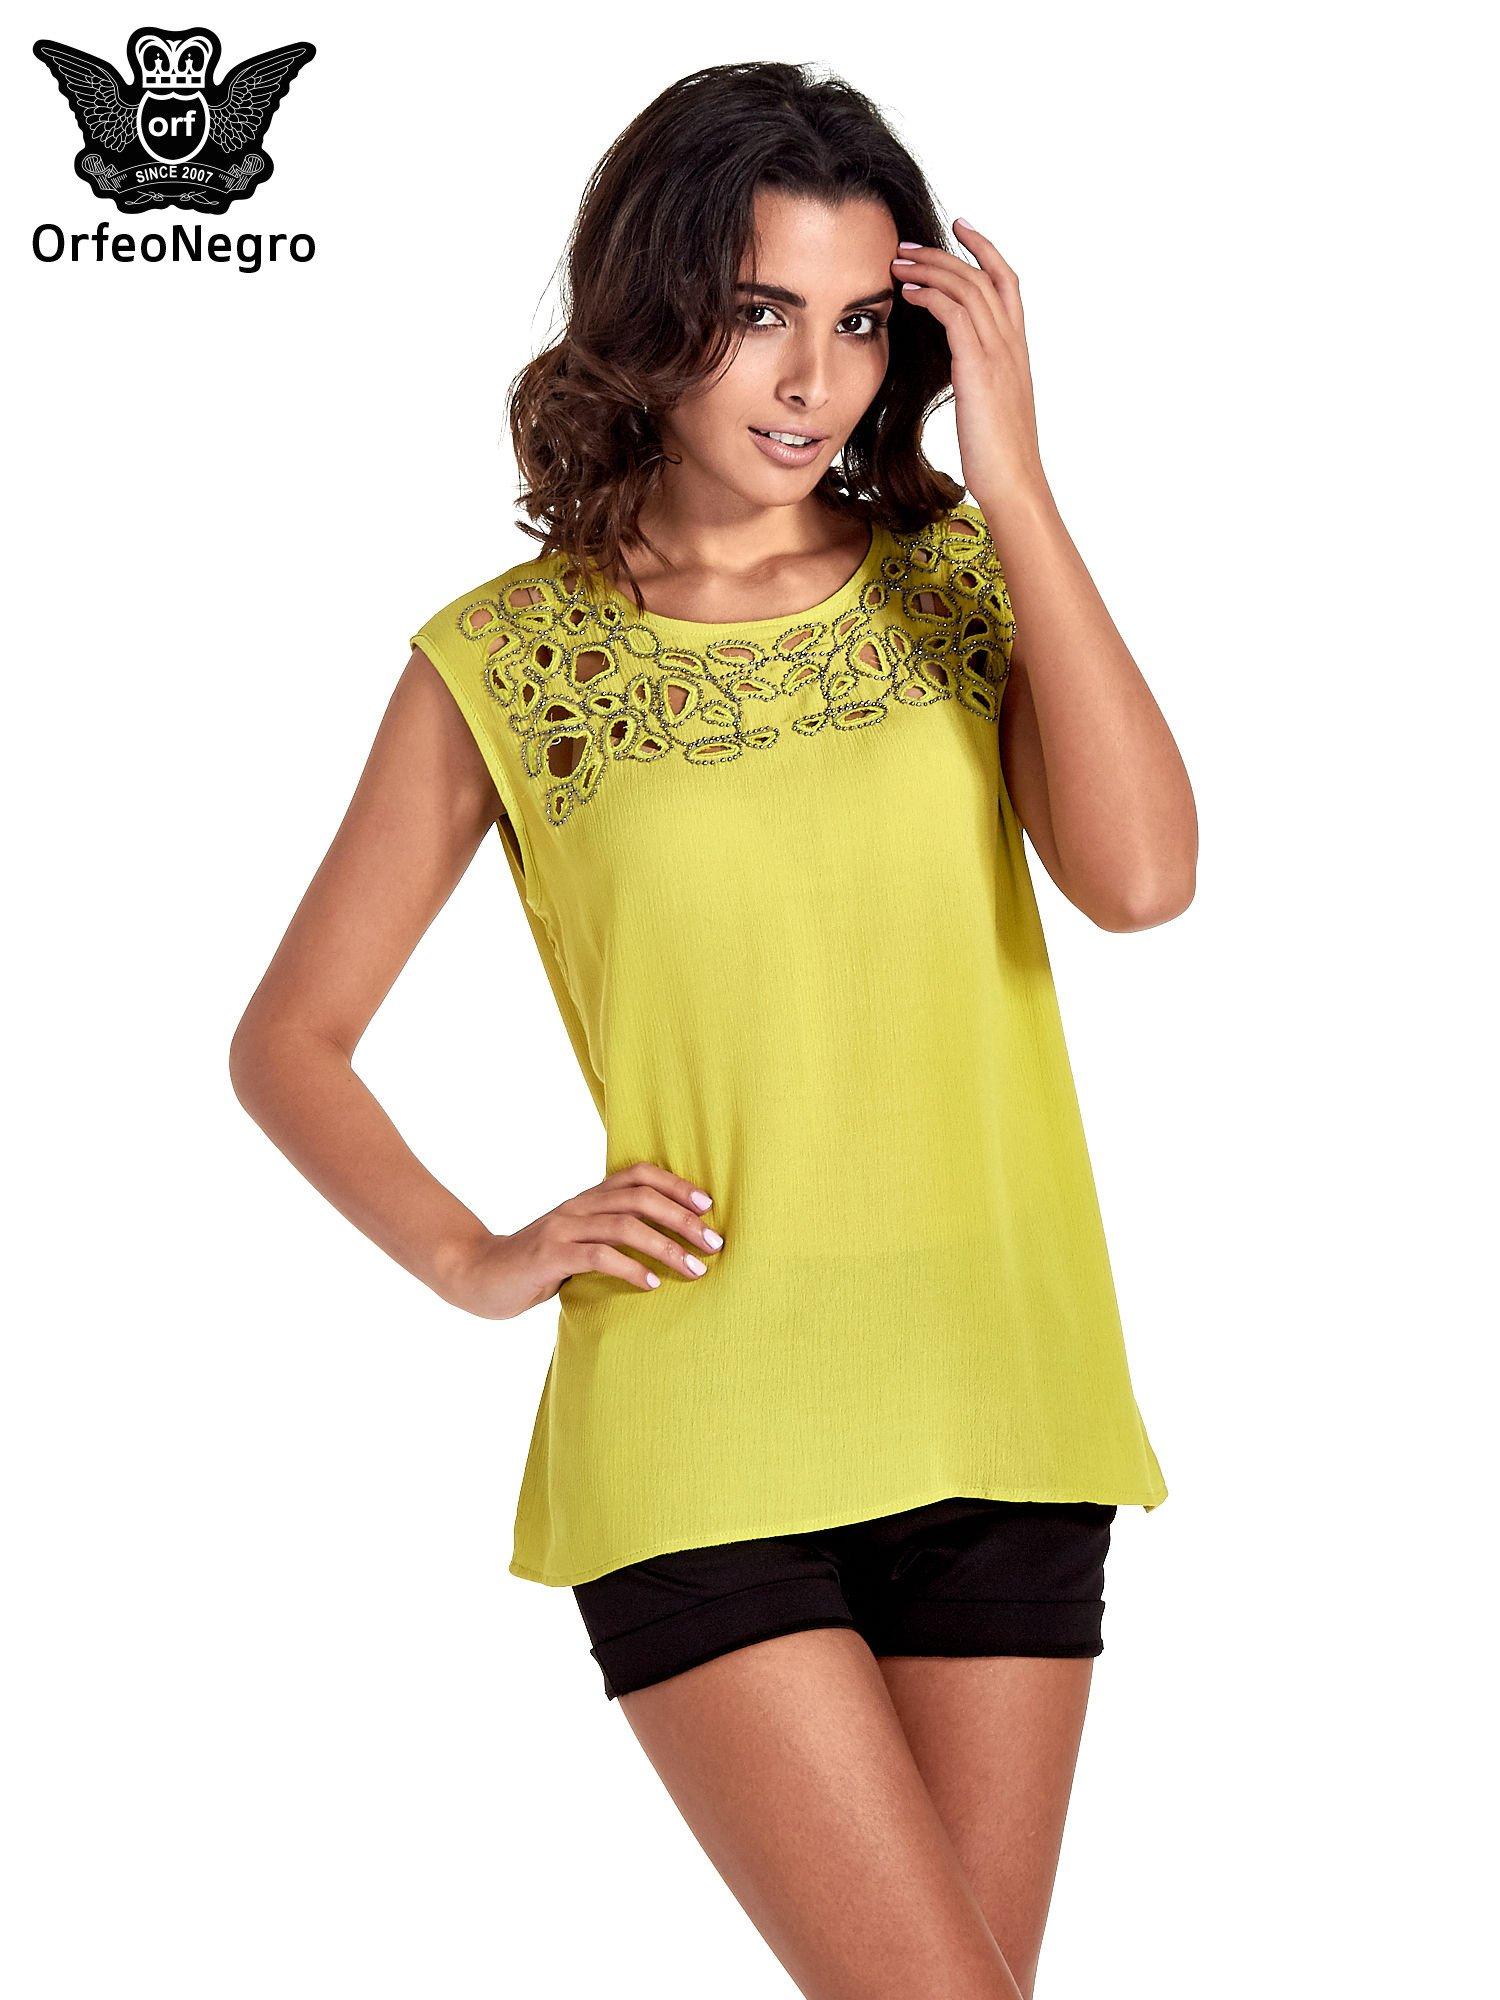 Zielona bluzka koszulowa z ozdobnym dekoltem z wycięciami                                  zdj.                                  1